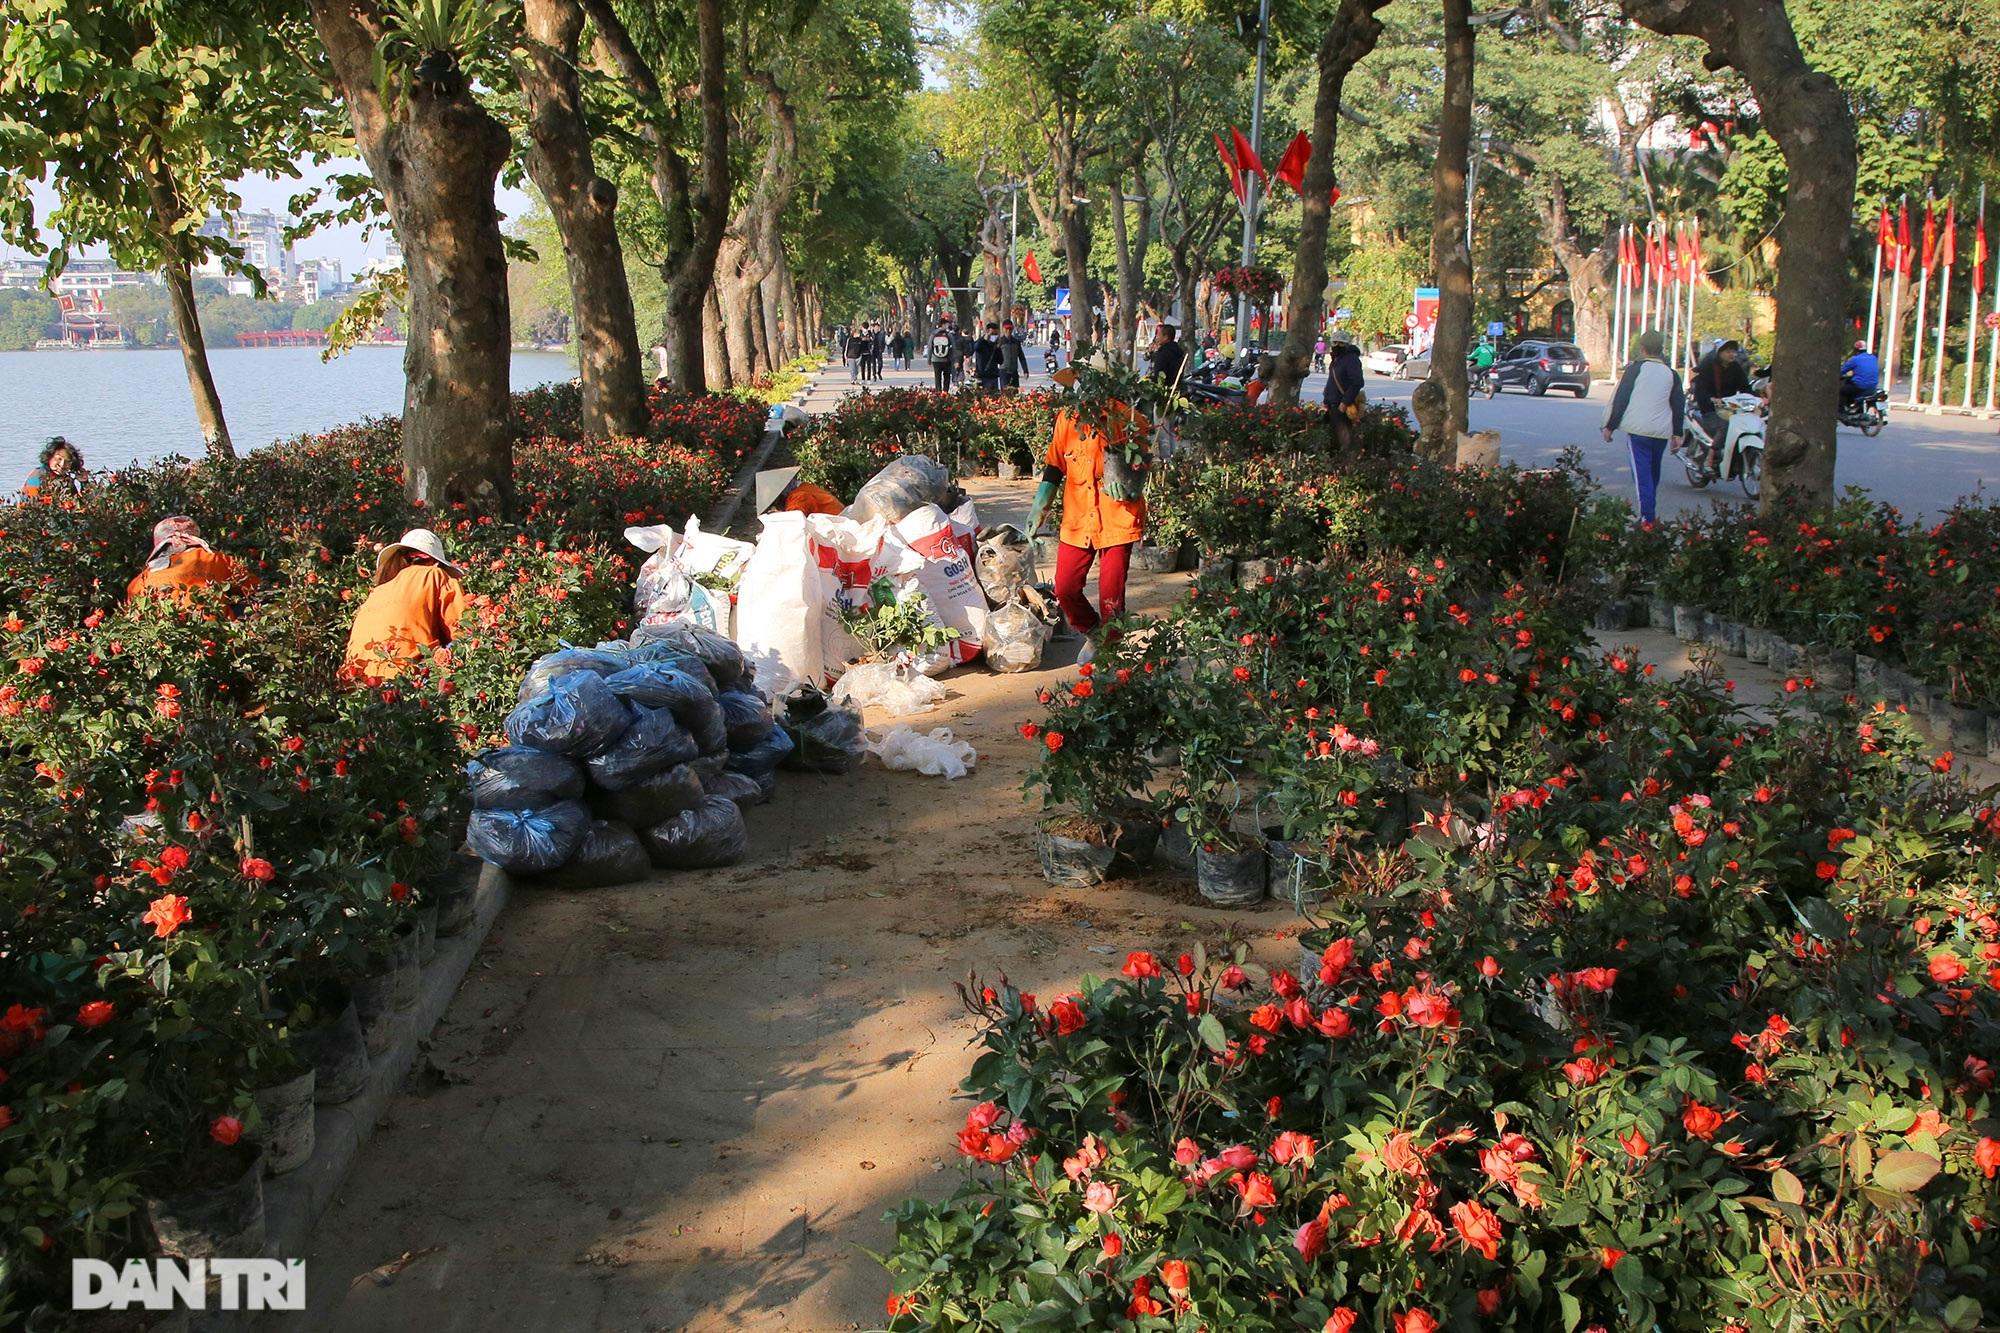 Hồ Gươm trang trí hoa rực rỡ sắc màu chào mừng Đại hội XIII của Đảng - 1